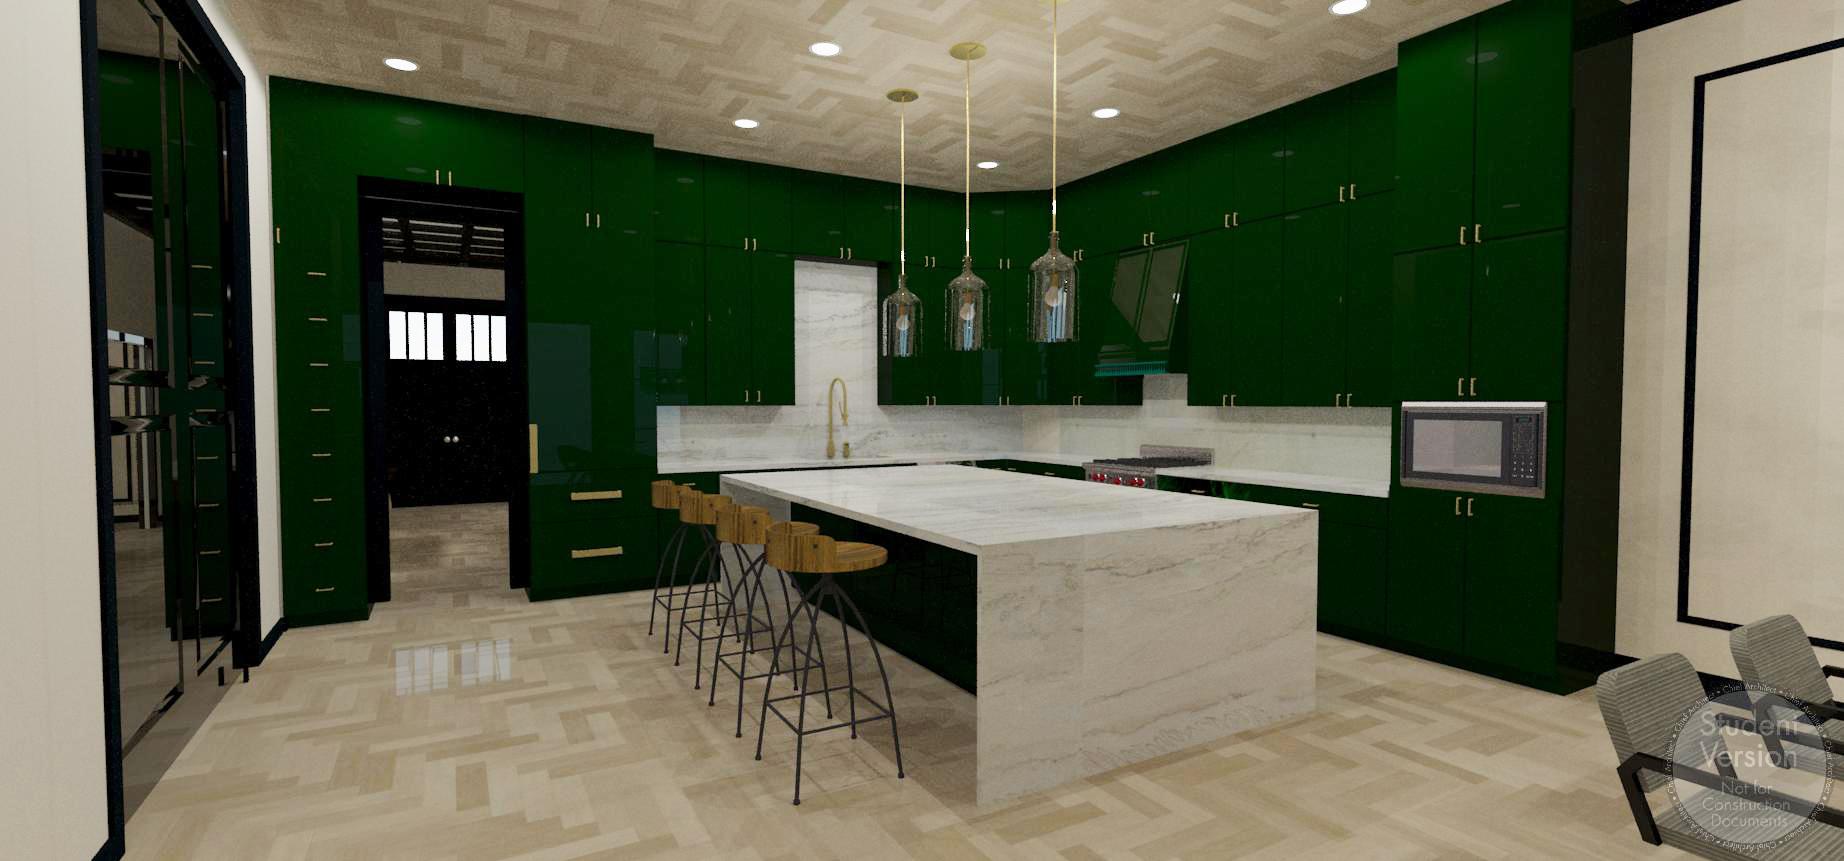 final kitchen.jpg